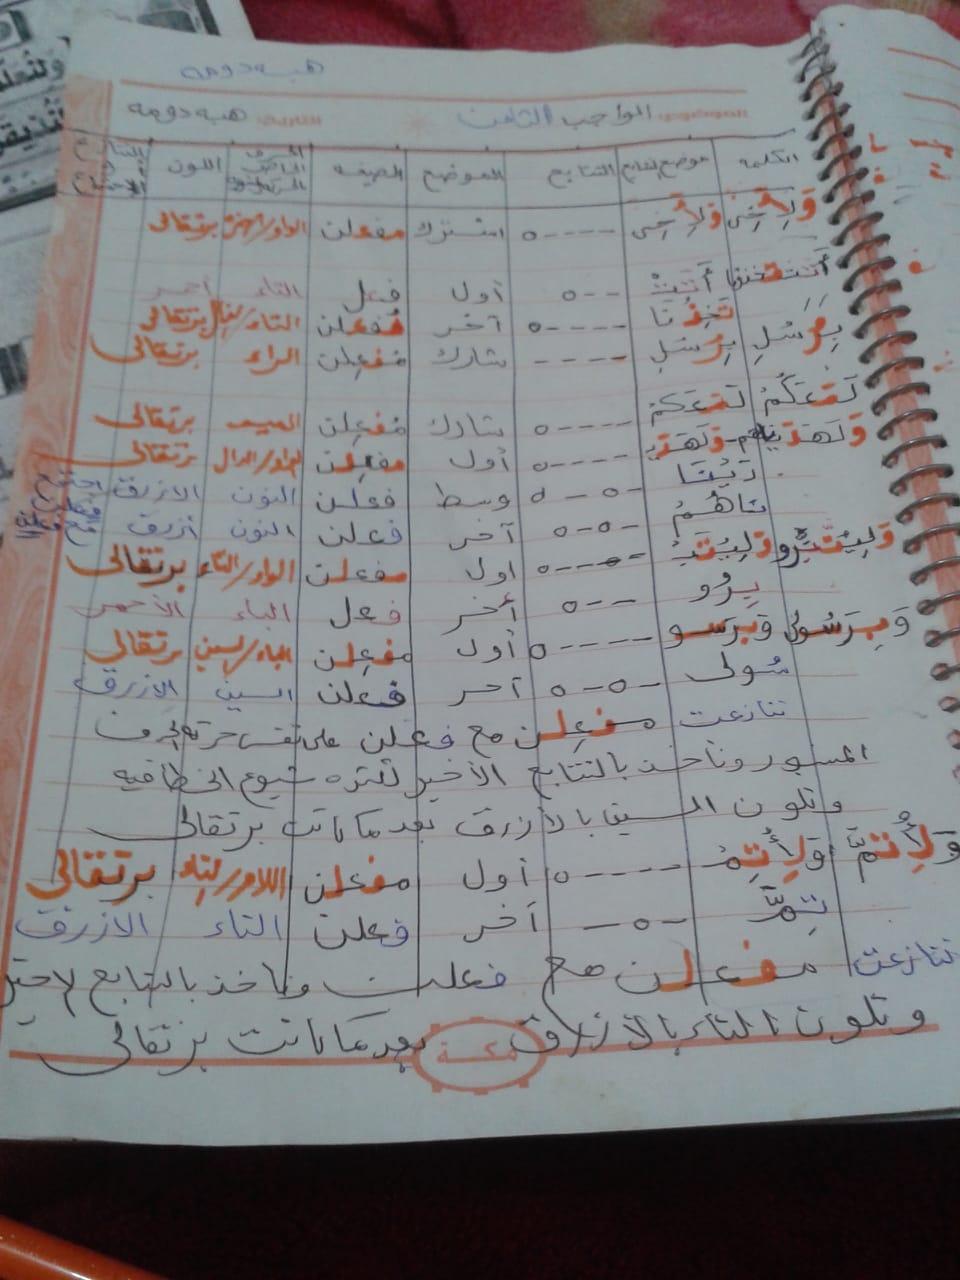 الواجب الثامن / الدورة الخامسة - صفحة 3 Oo_cia20